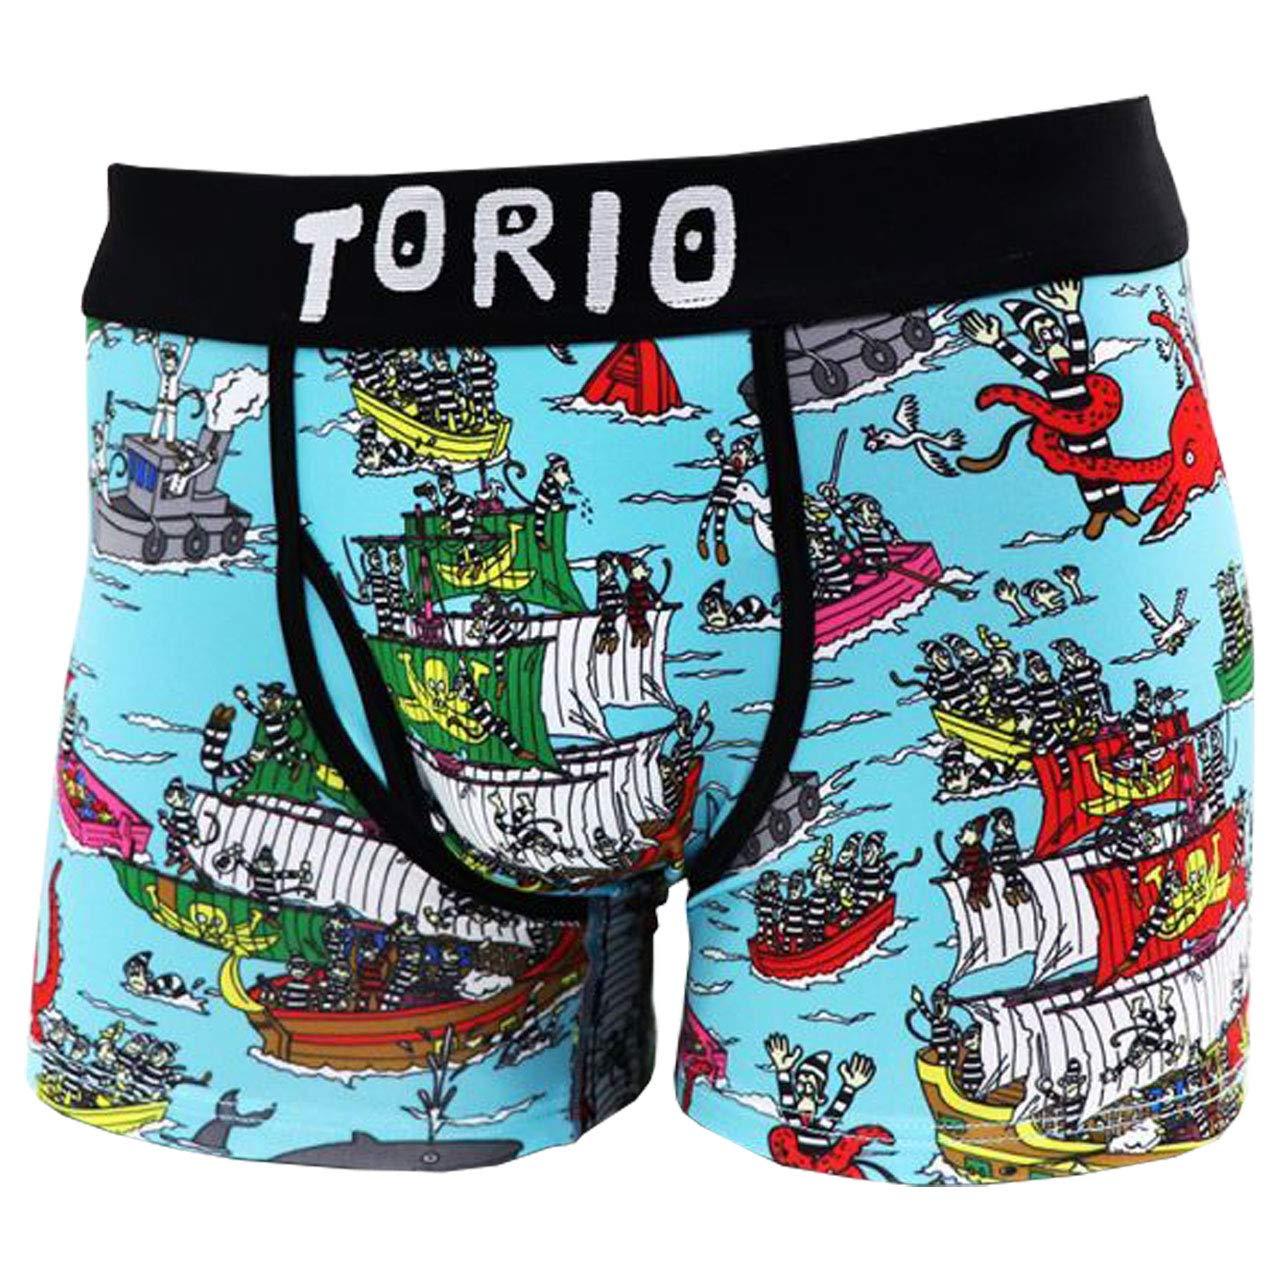 Torio トリオ ボクサーパンツ メンズ パイレーツ L 通販 Line